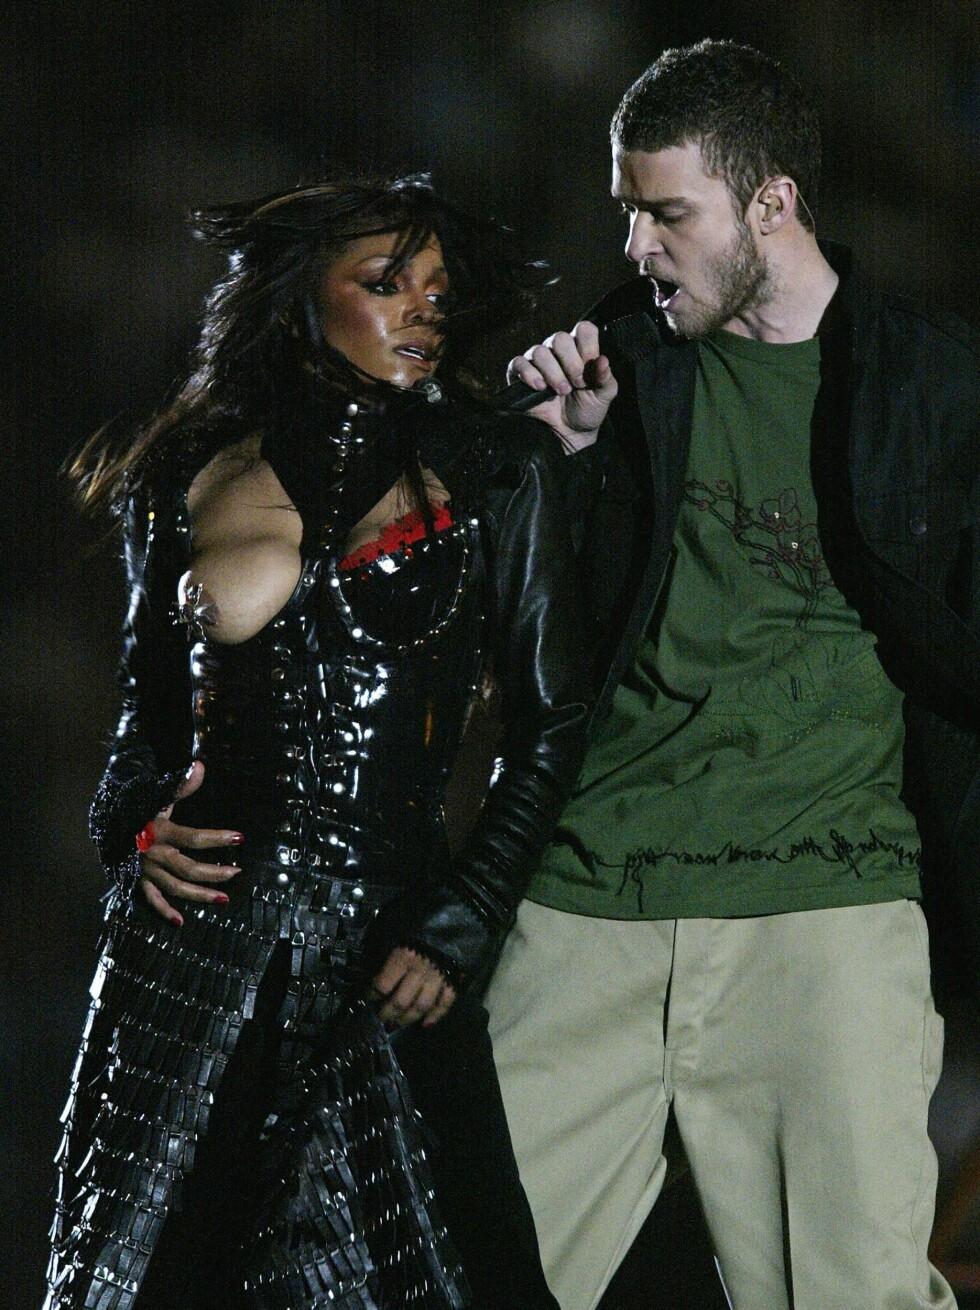 3. Janet JacksonDa Justin Timberlake blottla det ene brystet til Janet Jackson under Super Bowl-finalen i 2004, utløste de en enorm reaksjon hos det amerikanske folket. Episoden førte til en heftig diskusjon om «usømmeligheter» i kringkastingen. Til slutt ga Federal Communications Commission, den føderale myndigheten i USA som har ansvaret for etermedier, TV-kanalen CBS en rekordhøy bot på 550 000 dollar. Både Jackson og Timberlake bedyret at puppestuntet var et uhell. Jackson var imidlertid den som endte opp med å ta det meste av pepperen fra folk flest, som mente at blottingen var nøye planlagt. Foto: All Over Press